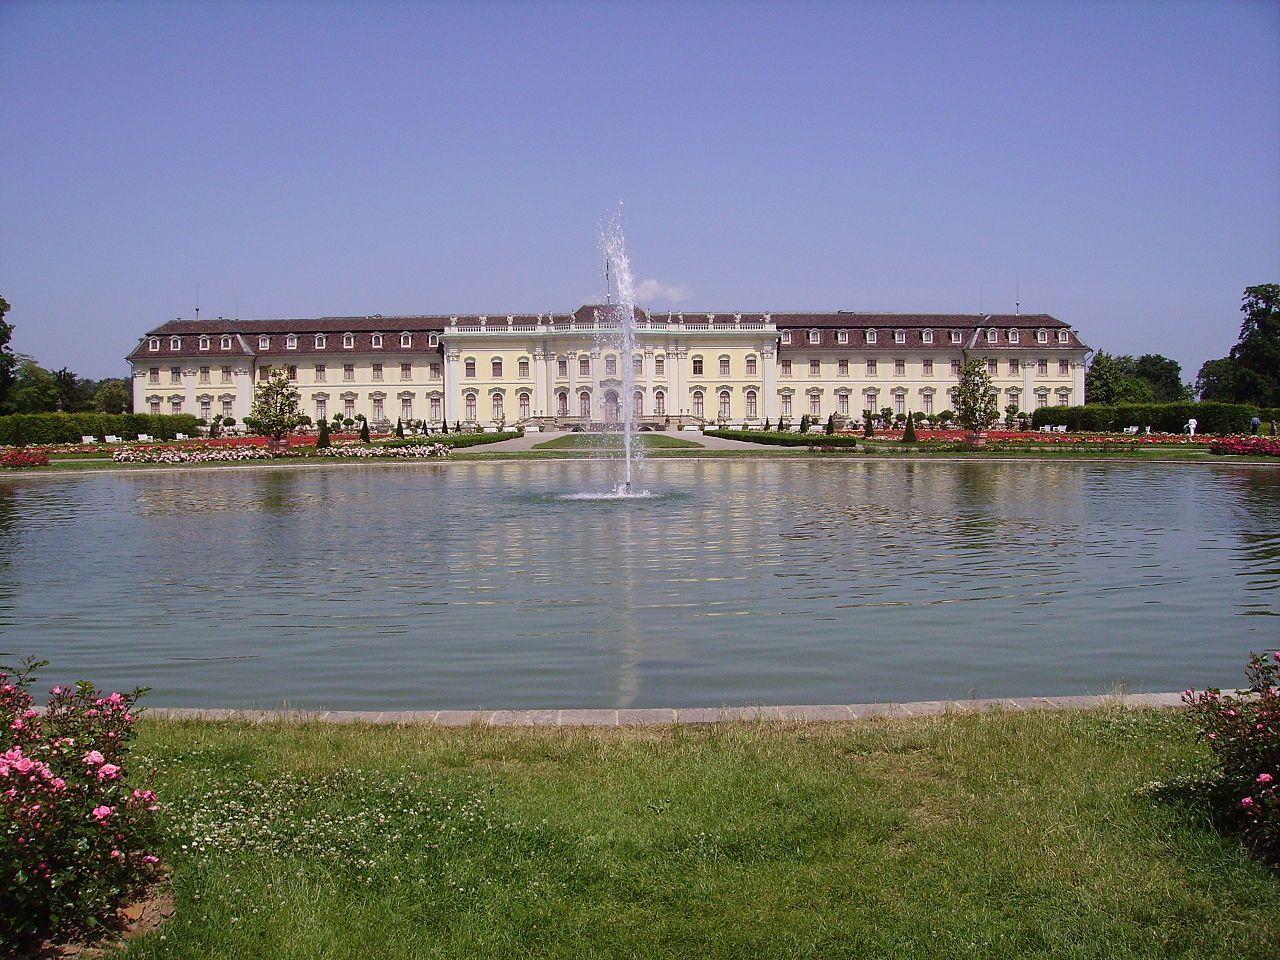 Palacio Com Fonte E Jardins Barrocos No Castelo Ludwigsburg Em Ludwigsburg Baden Wurttemberg Alemanha Fotografia Immanuel Gie Palacio Mansao Fotografia